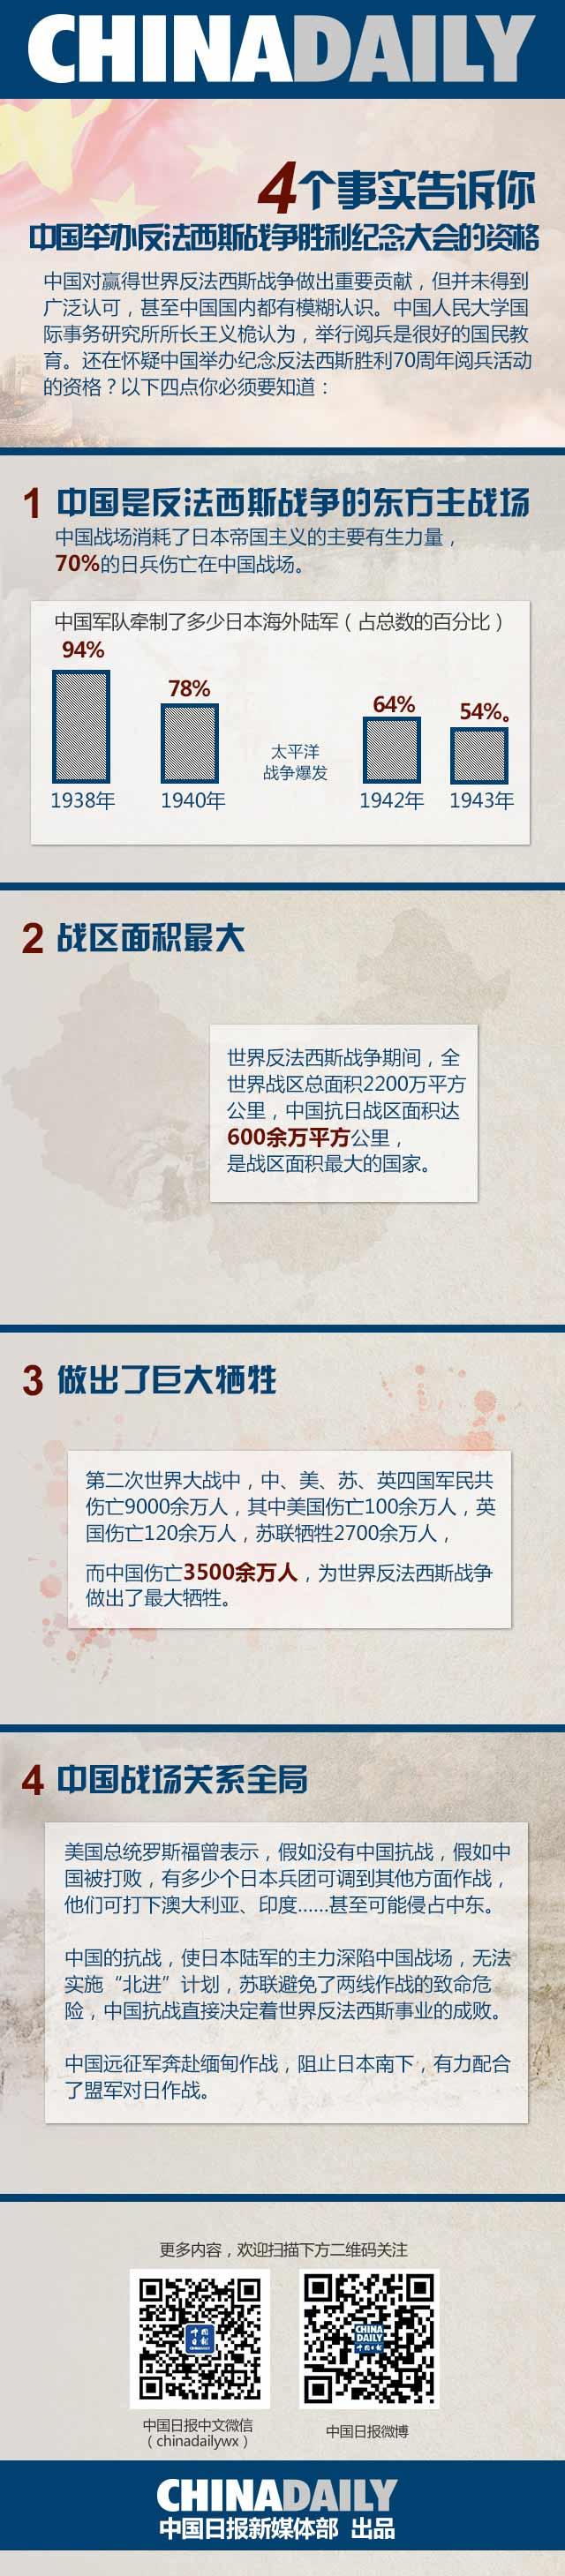 英学者:阅兵是为让战争不再重演丨一图读懂中国资格